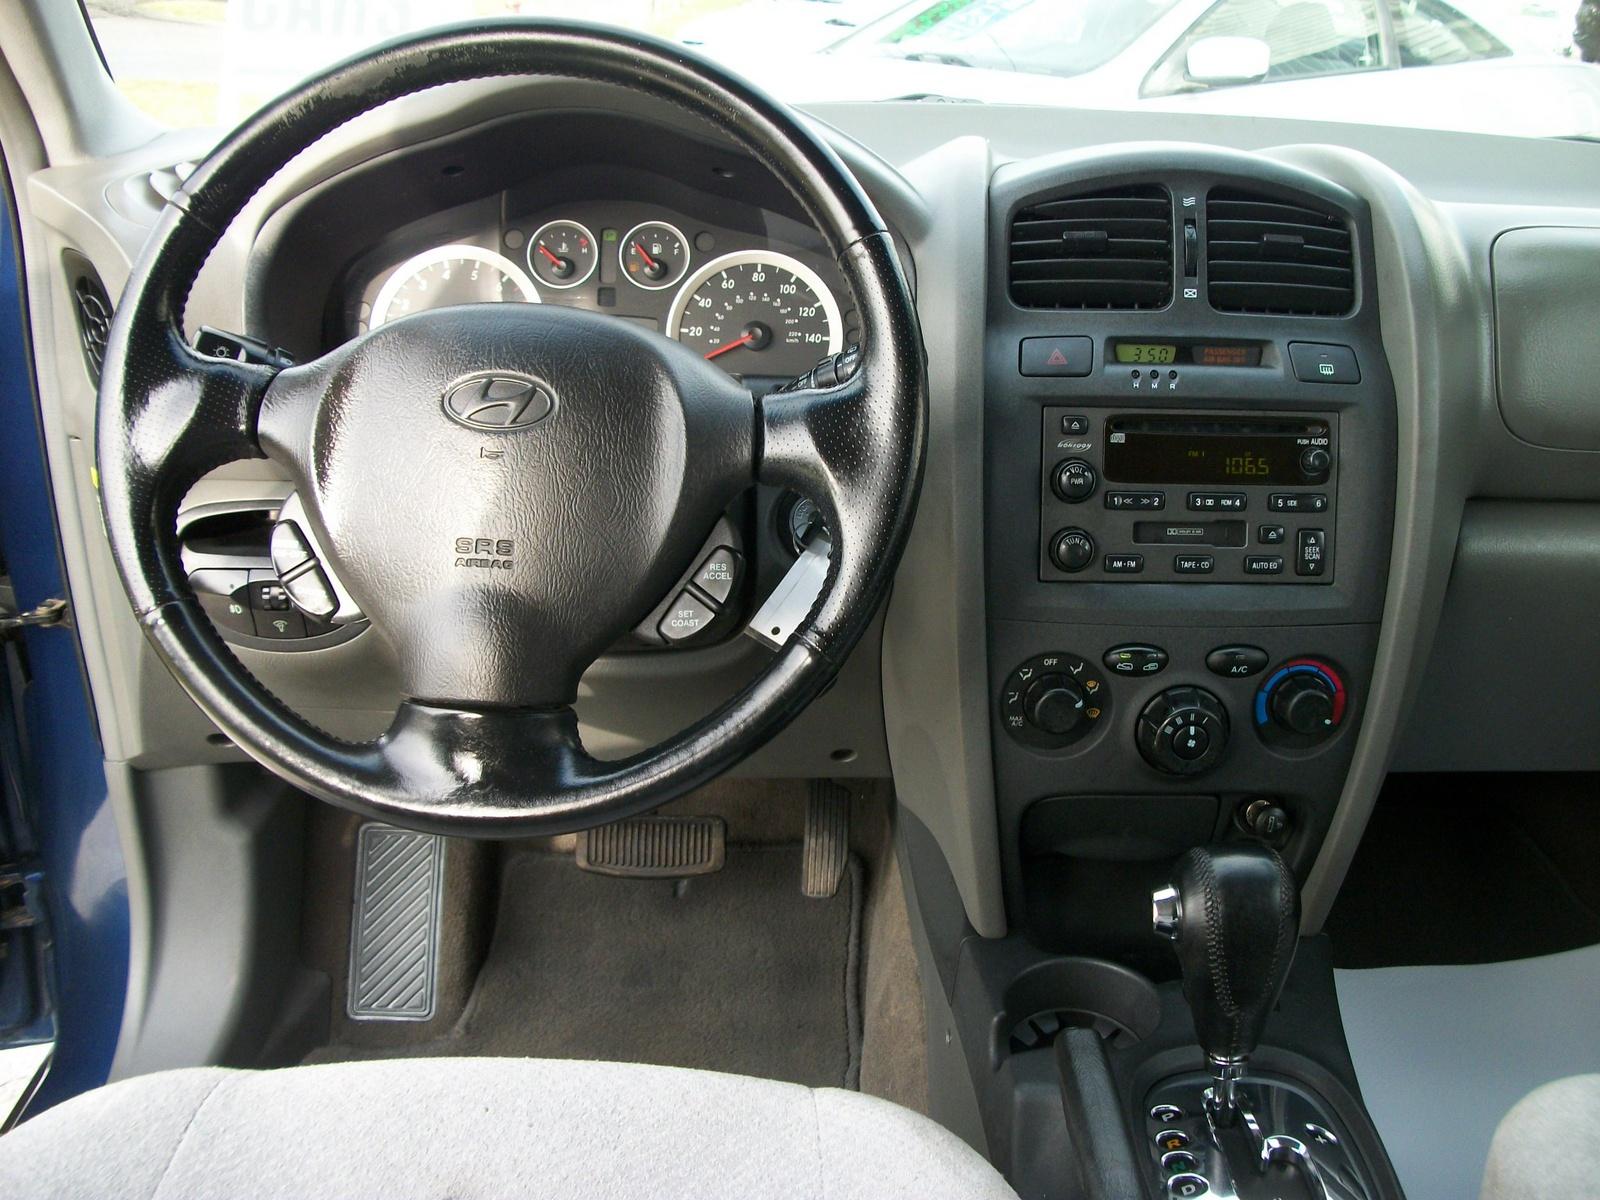 2006 Hyundai Santa Fe Interior Pictures Cargurus